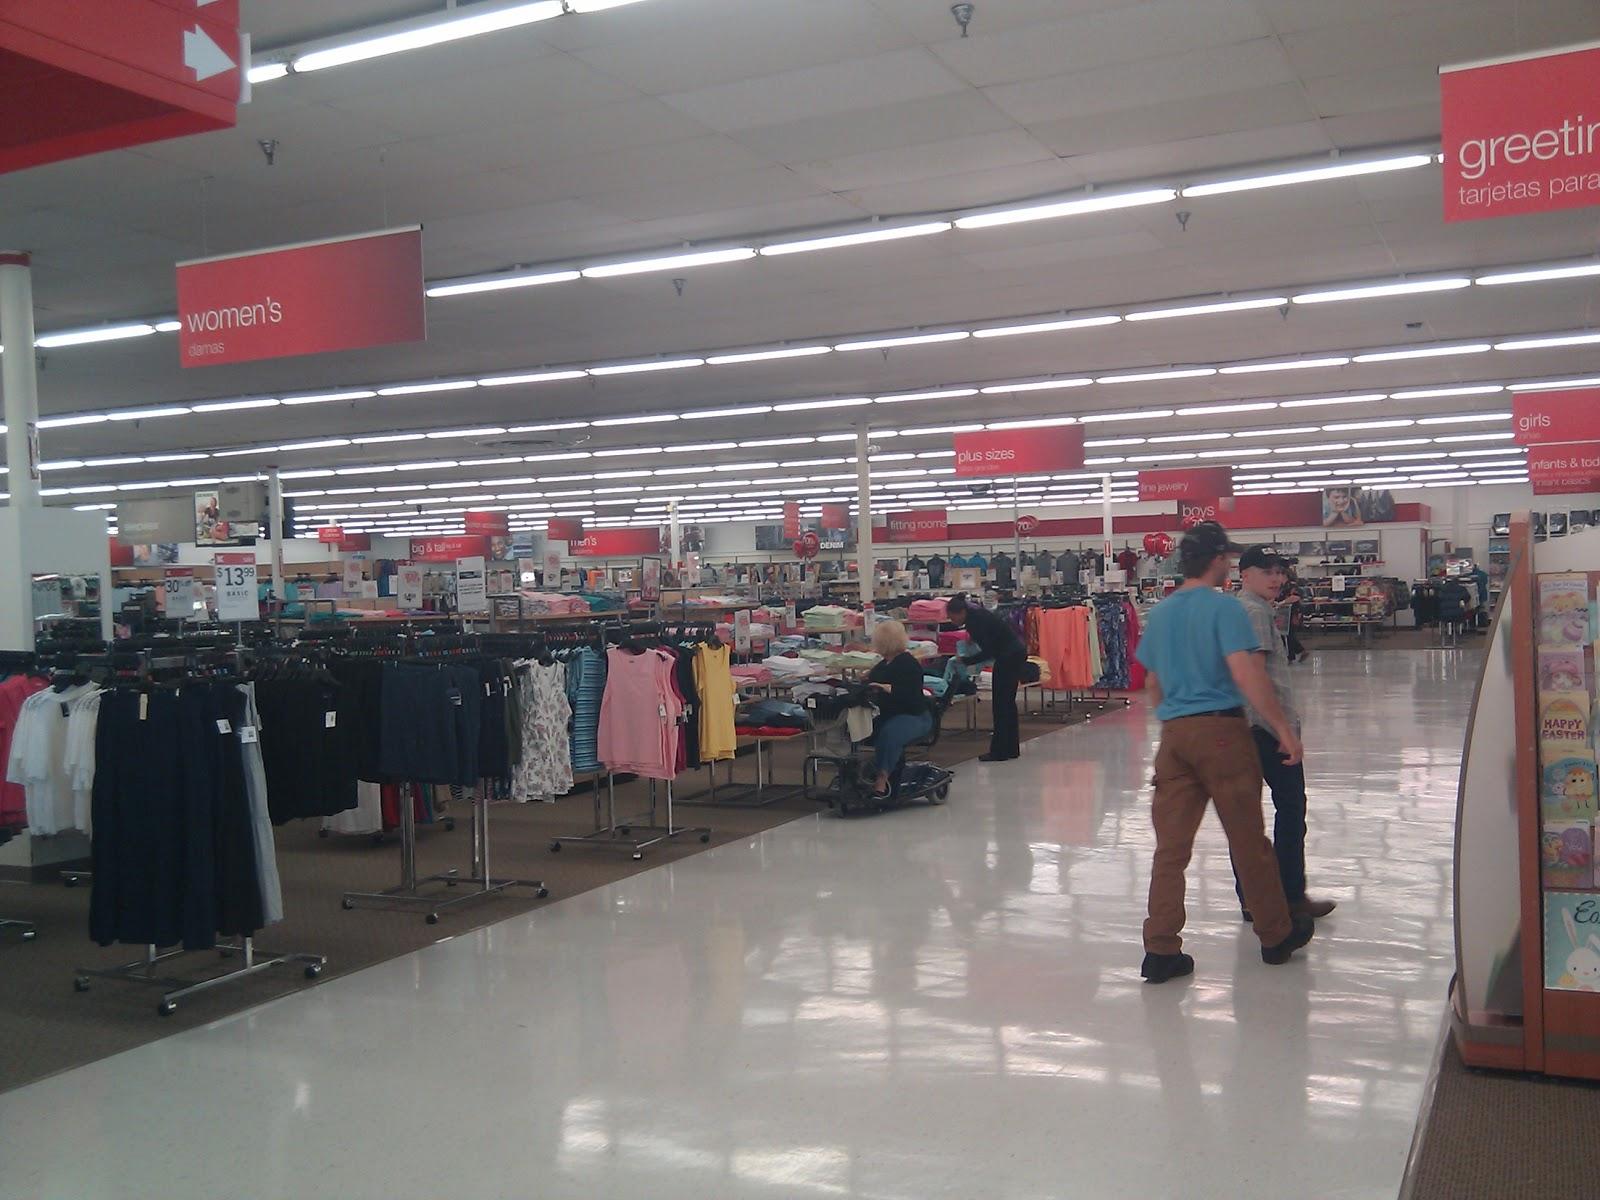 Mattress Stores Marietta Ga Kmart World: Spotlight Part 2 of 2: Sears to Kmart - Marietta, GA